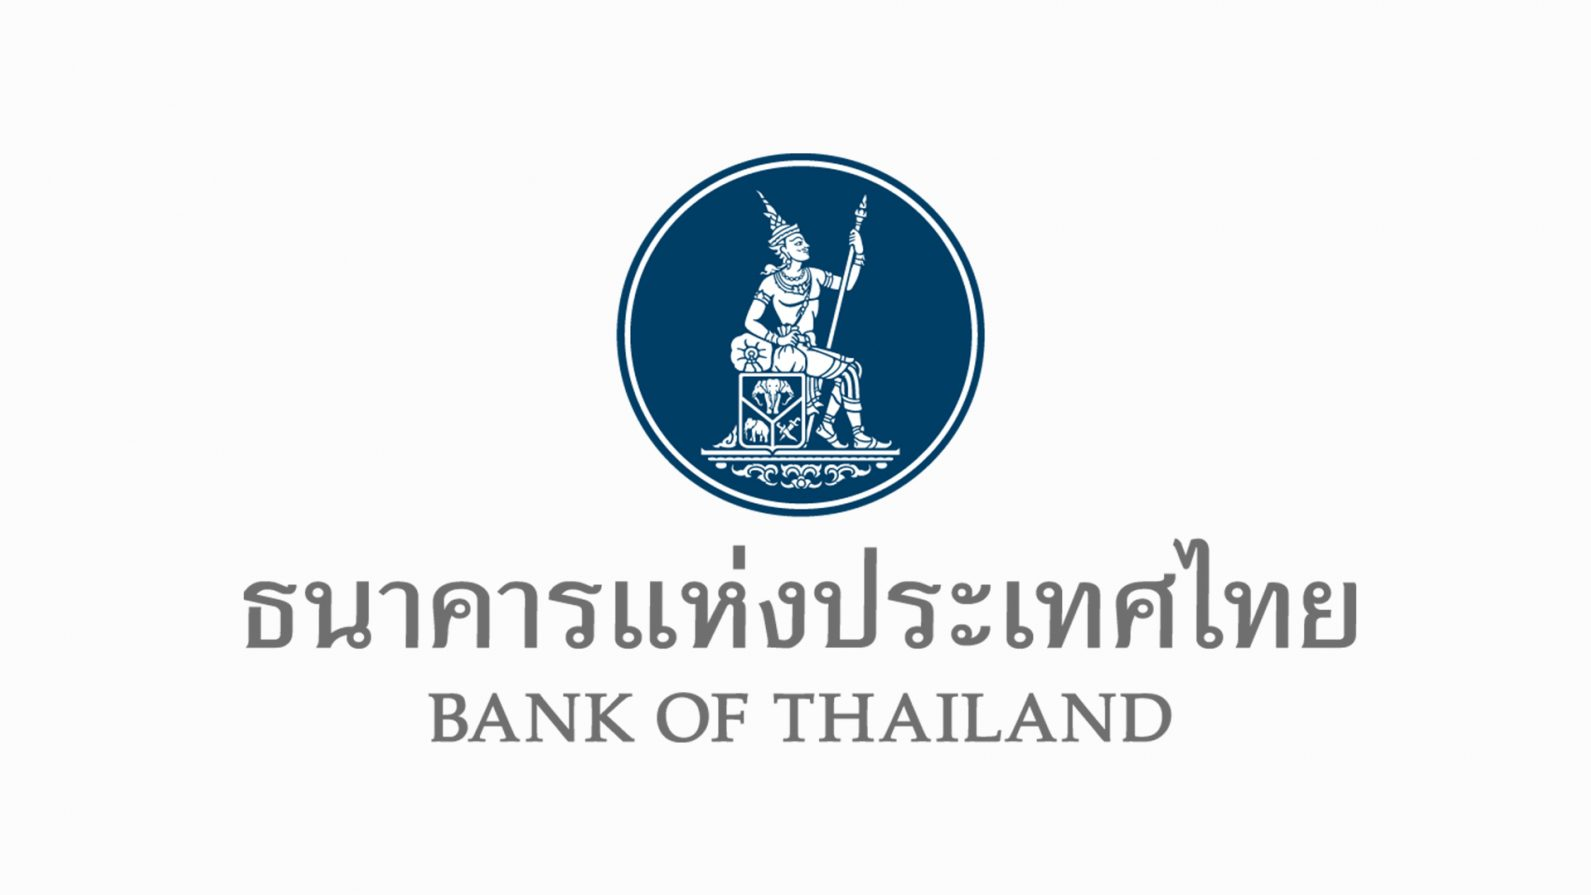 ธนาคารแห่งประเทศไทย ประกาศ 27 ก.ค.63 หยุดชดเชยสงกรานต์